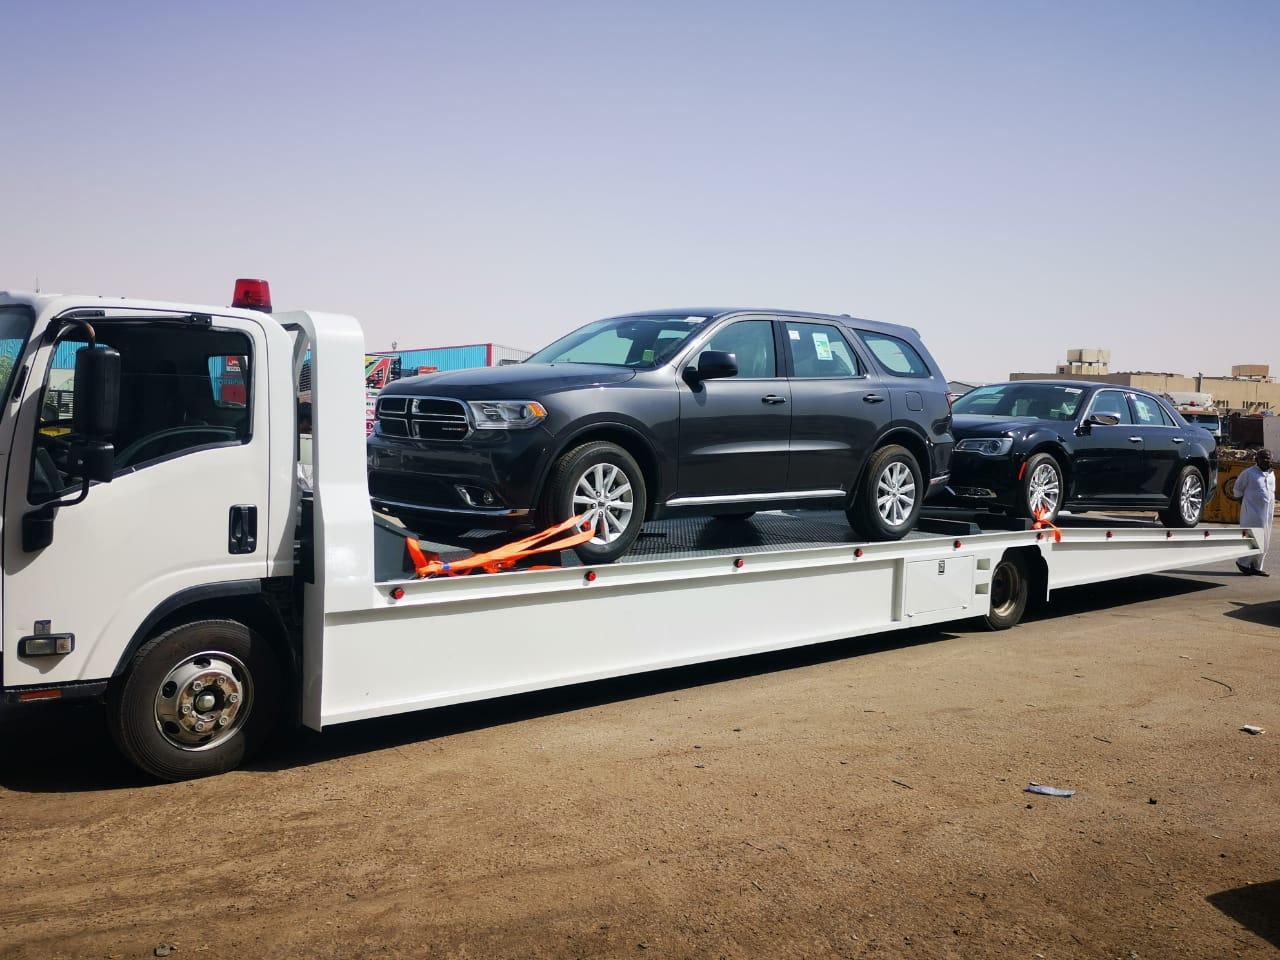 اسعار شحن السيارات من جدة للرياض بارخص الاسعار خدمة 24 س سطحة الرياض 0558352000